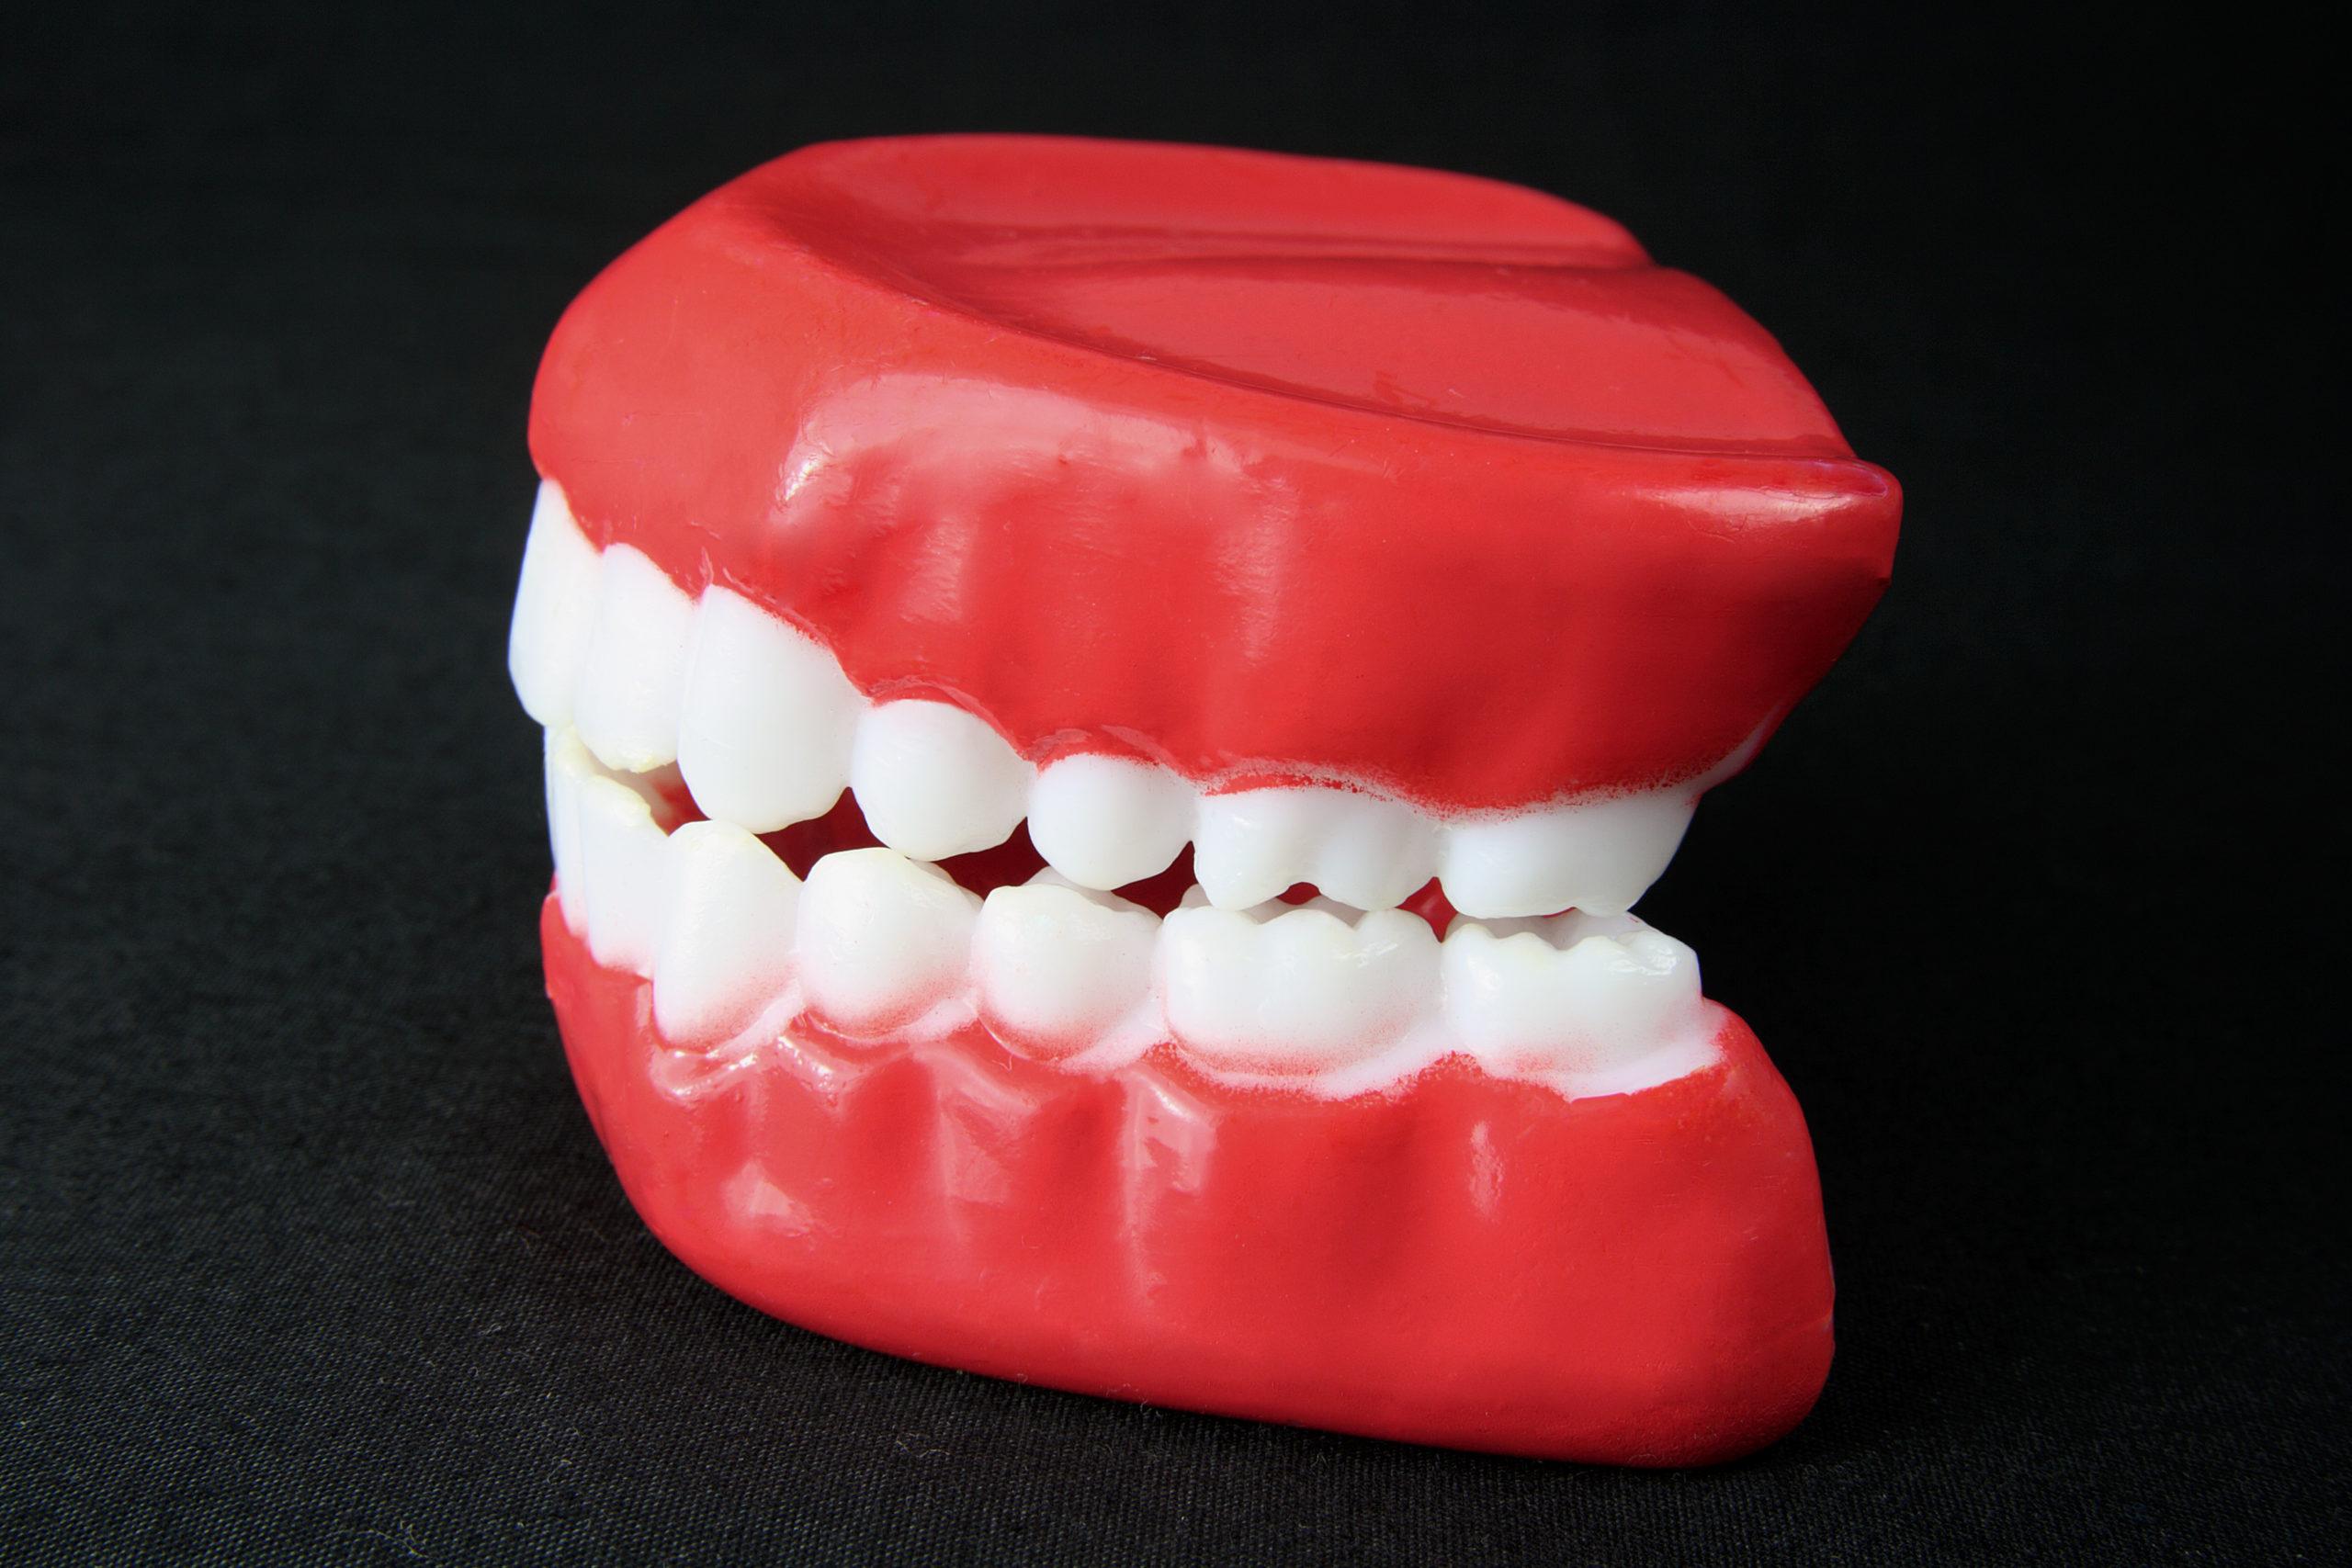 Diese Arten von Zahnersatz gibt es, und so viel kosten sie.